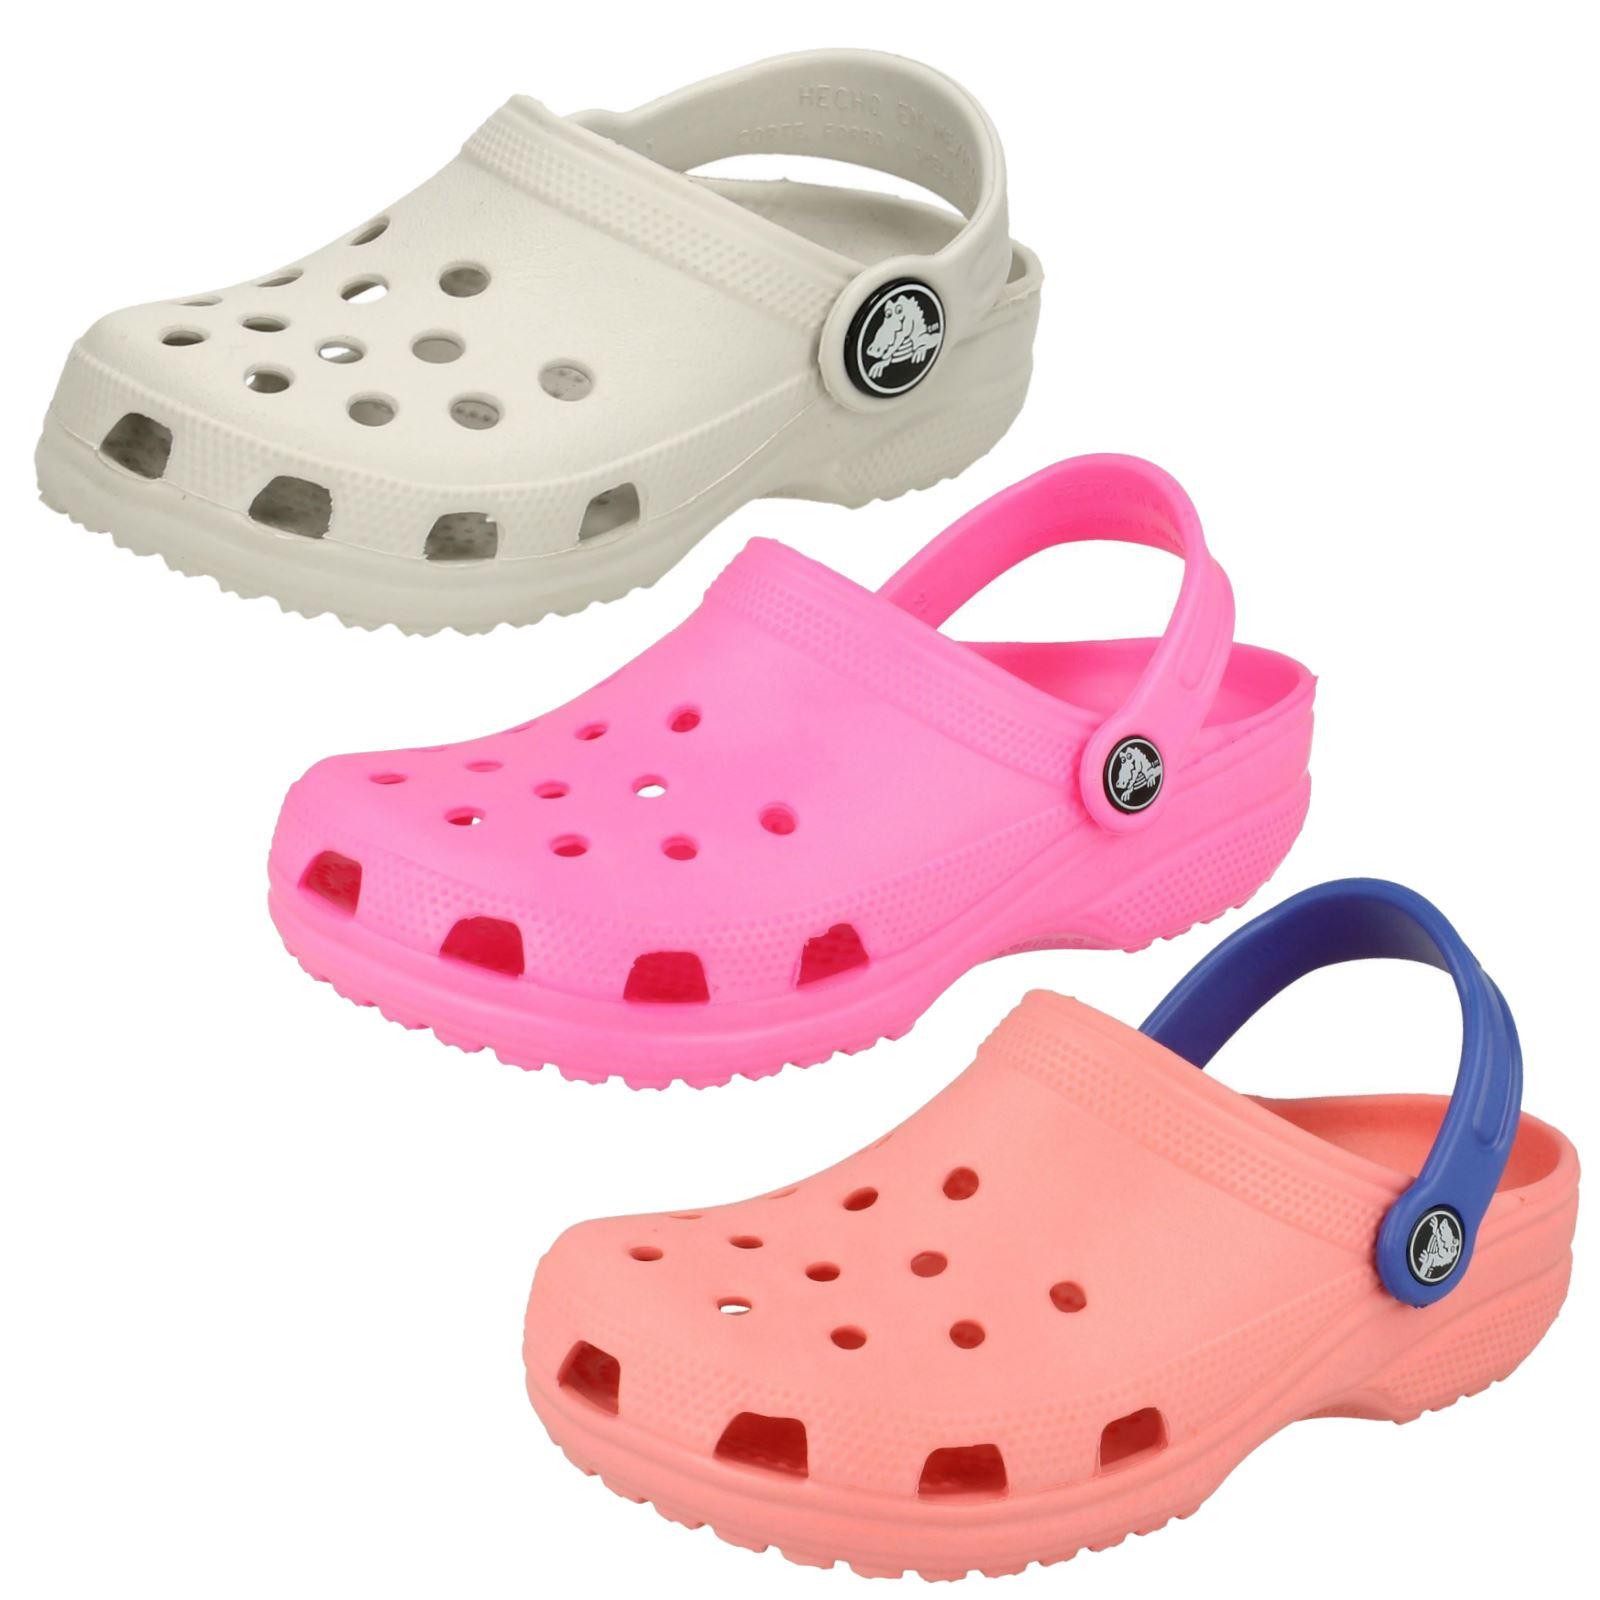 8dc6e07ce2867 Crocs Girls Sandals Crocs Kids Classic